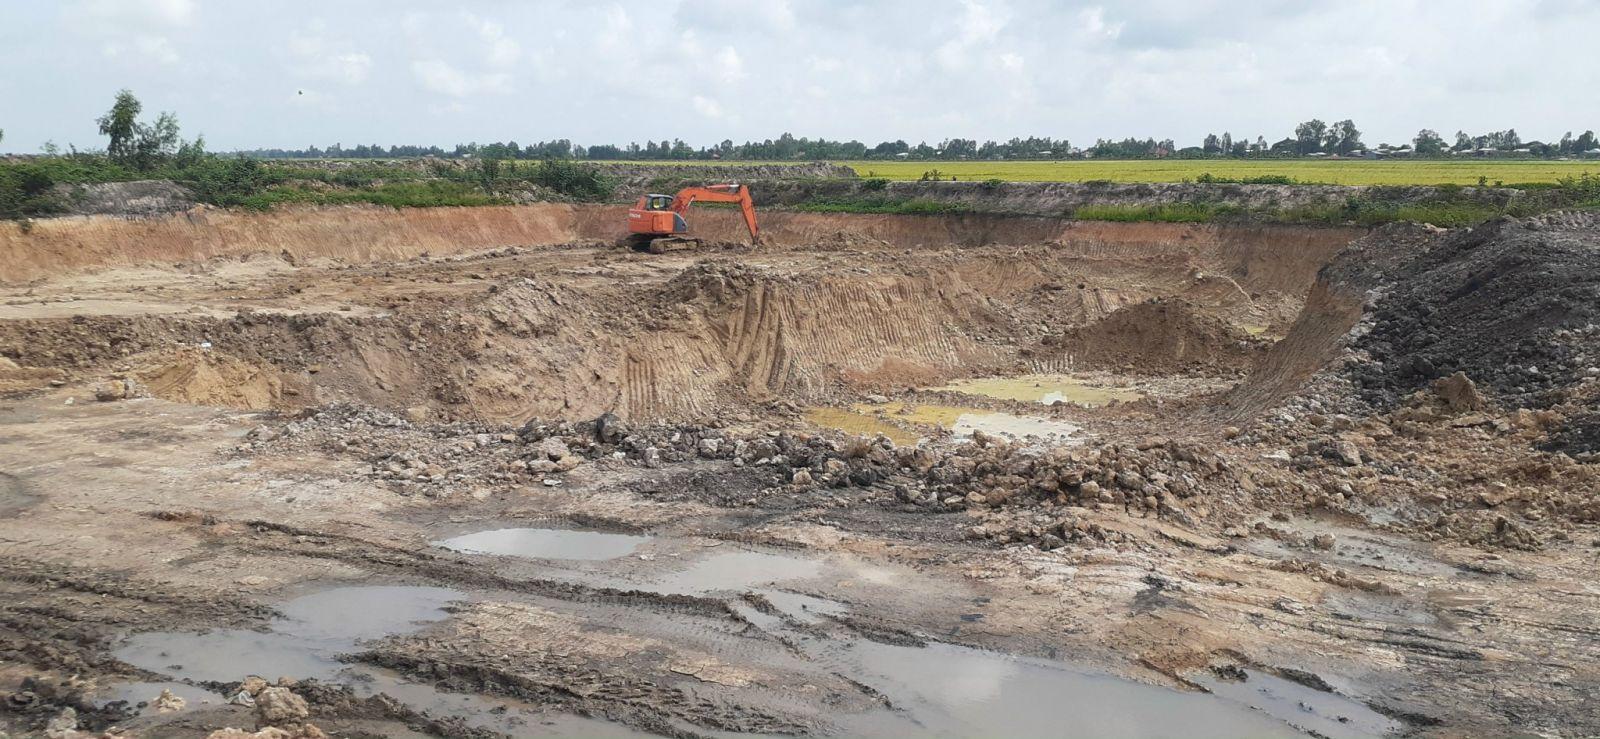 Những hầm đất khai thác trên đất lúa